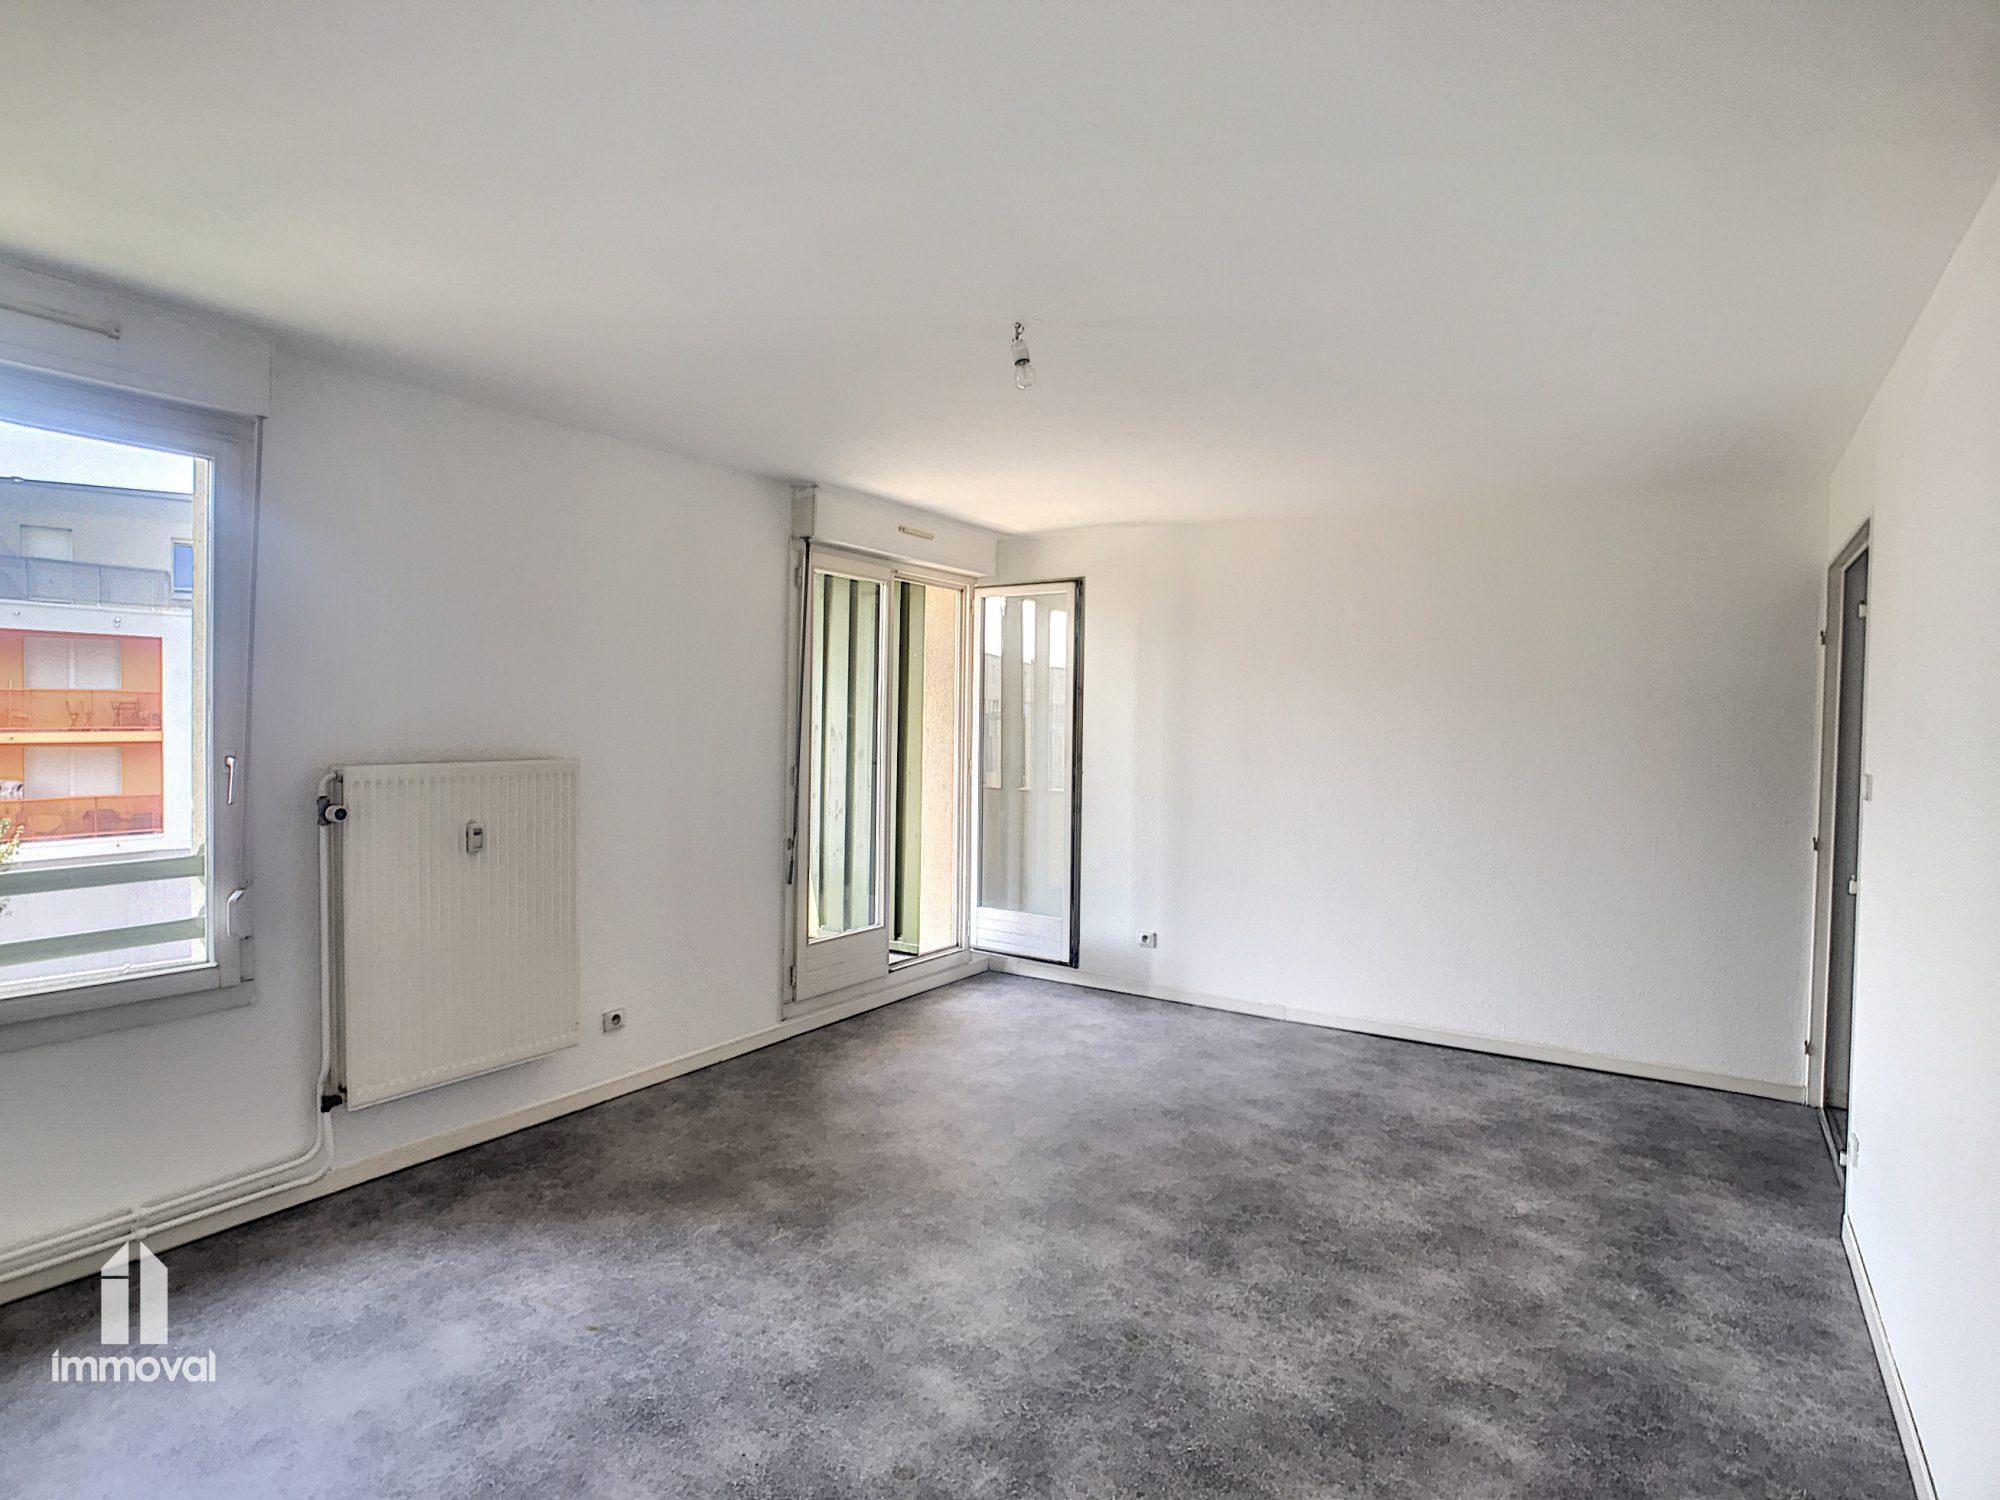 POTERIES - Appartement 2 pièces de 53,27m2